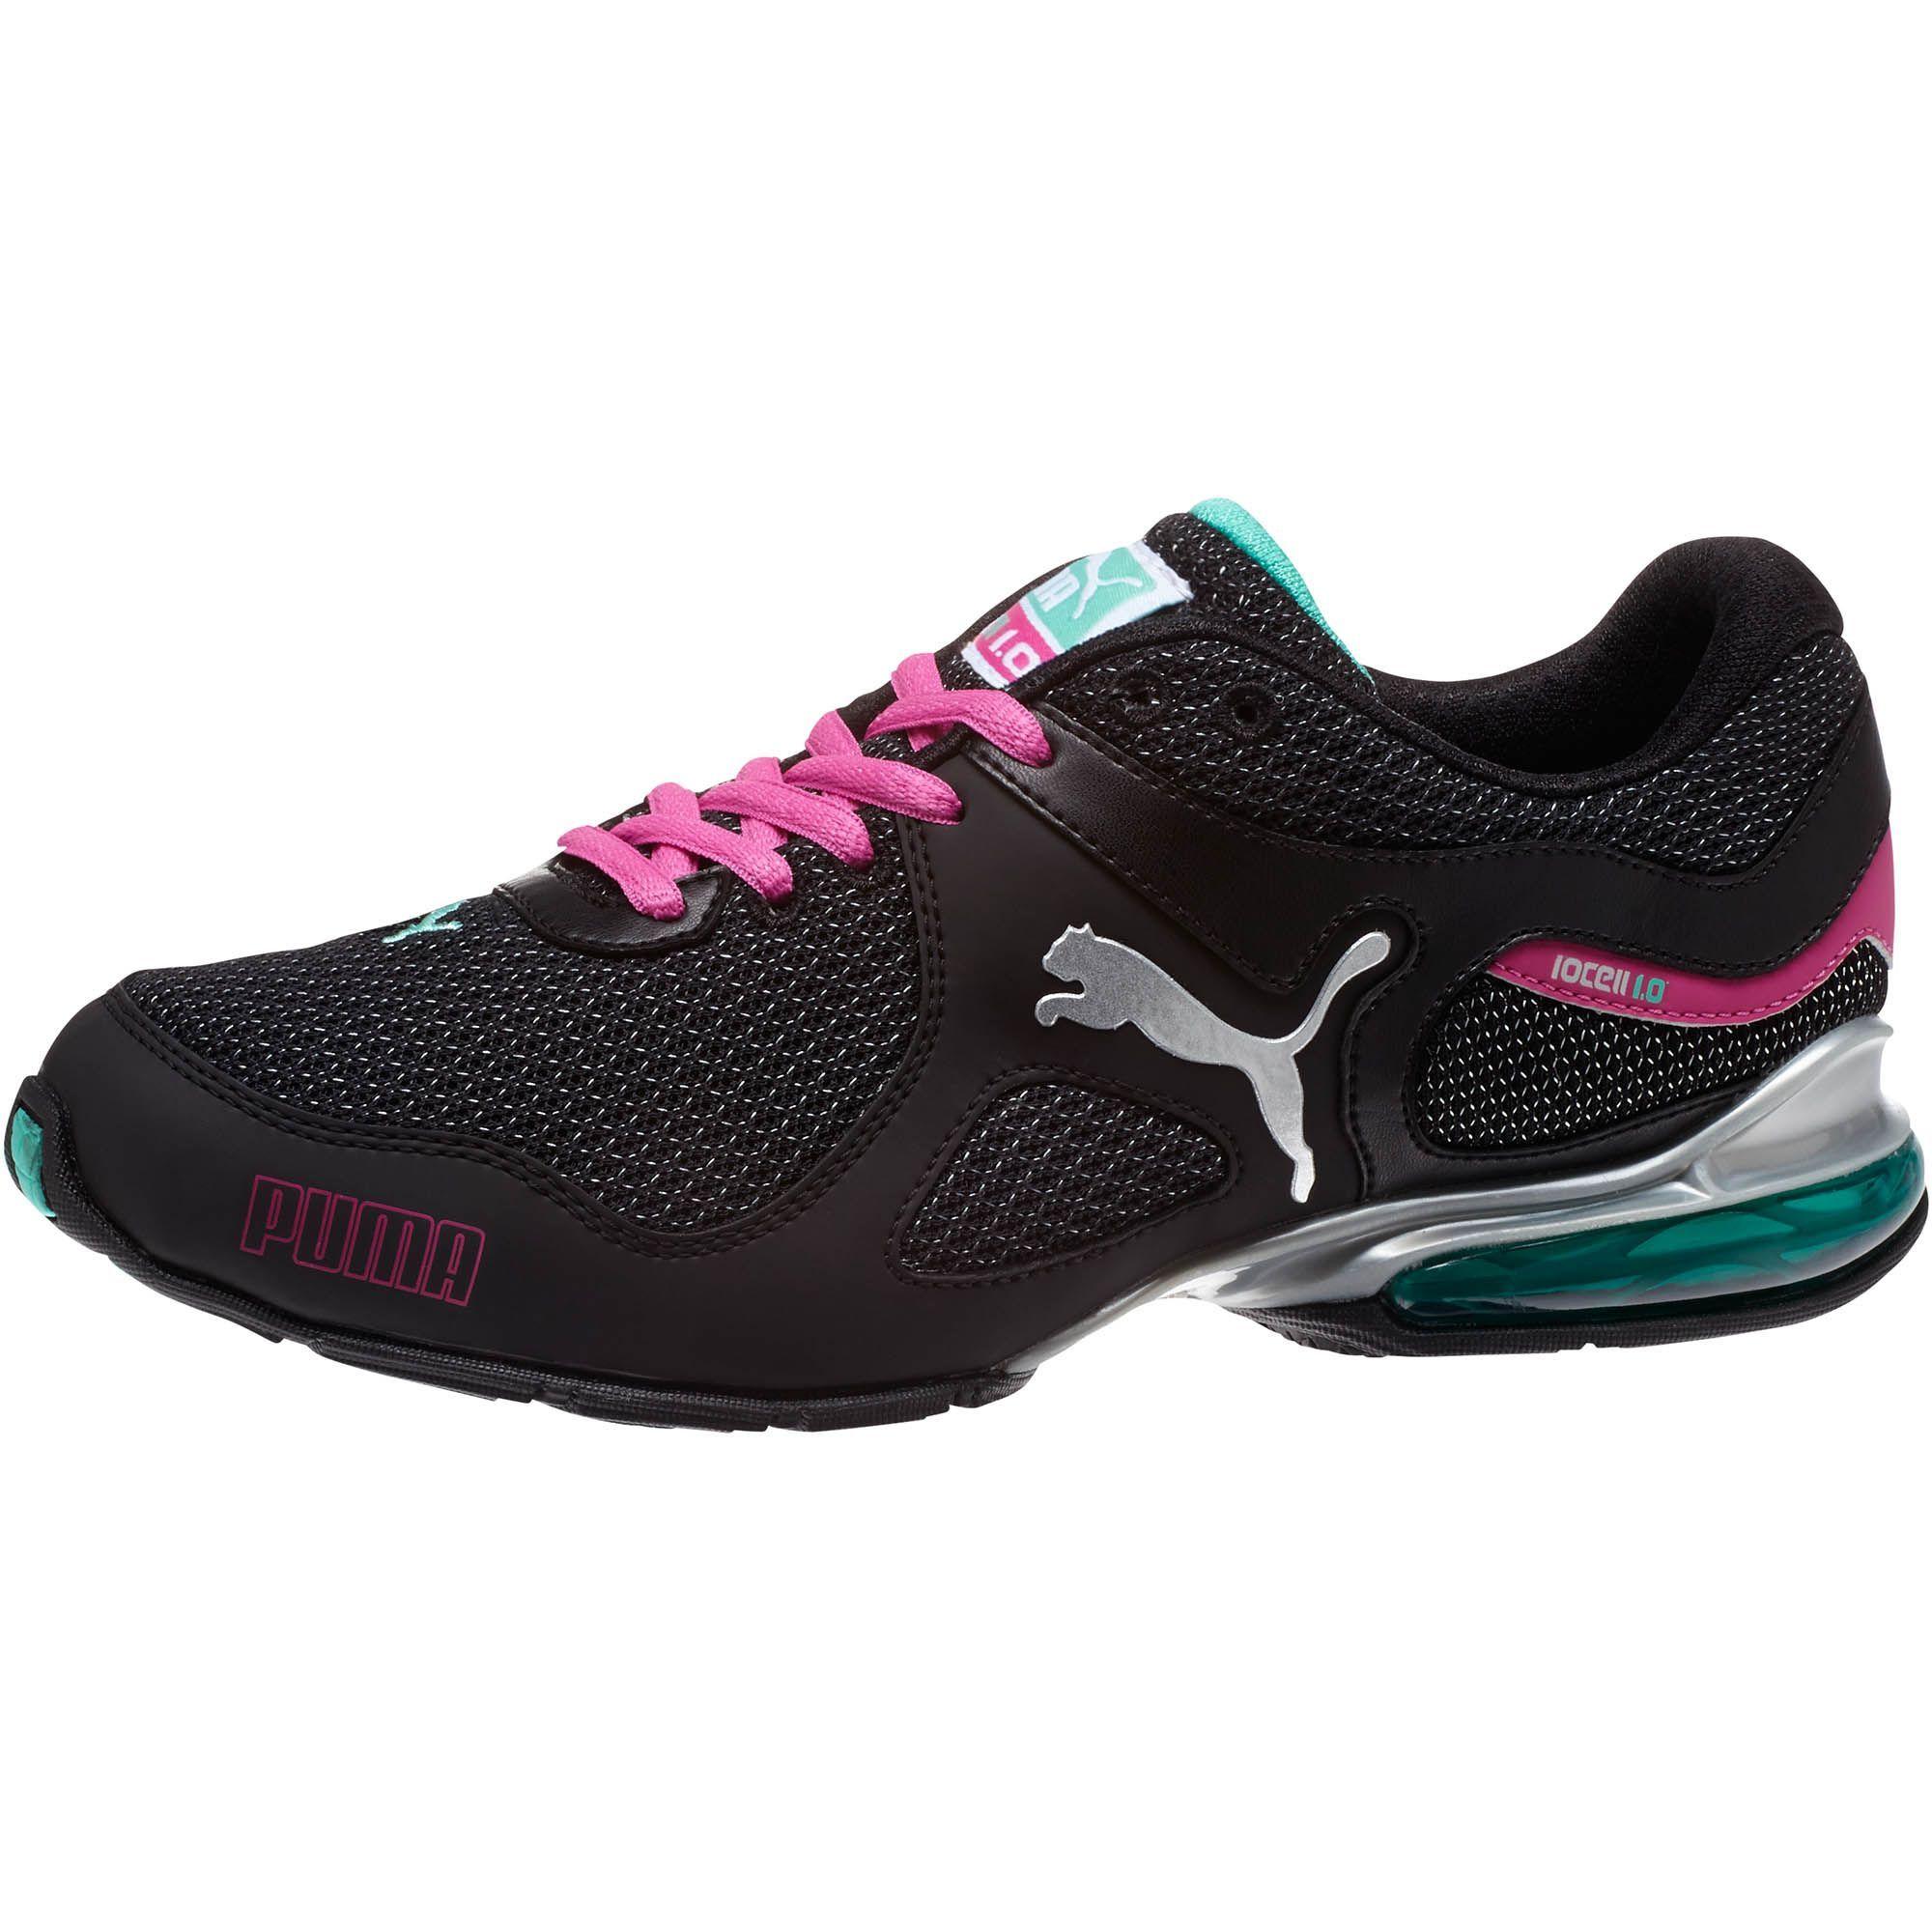 06ba86300015 ... cheap puma cell riaze ttm womens running shoes from the official puma  online store 7a8d9 8aac2